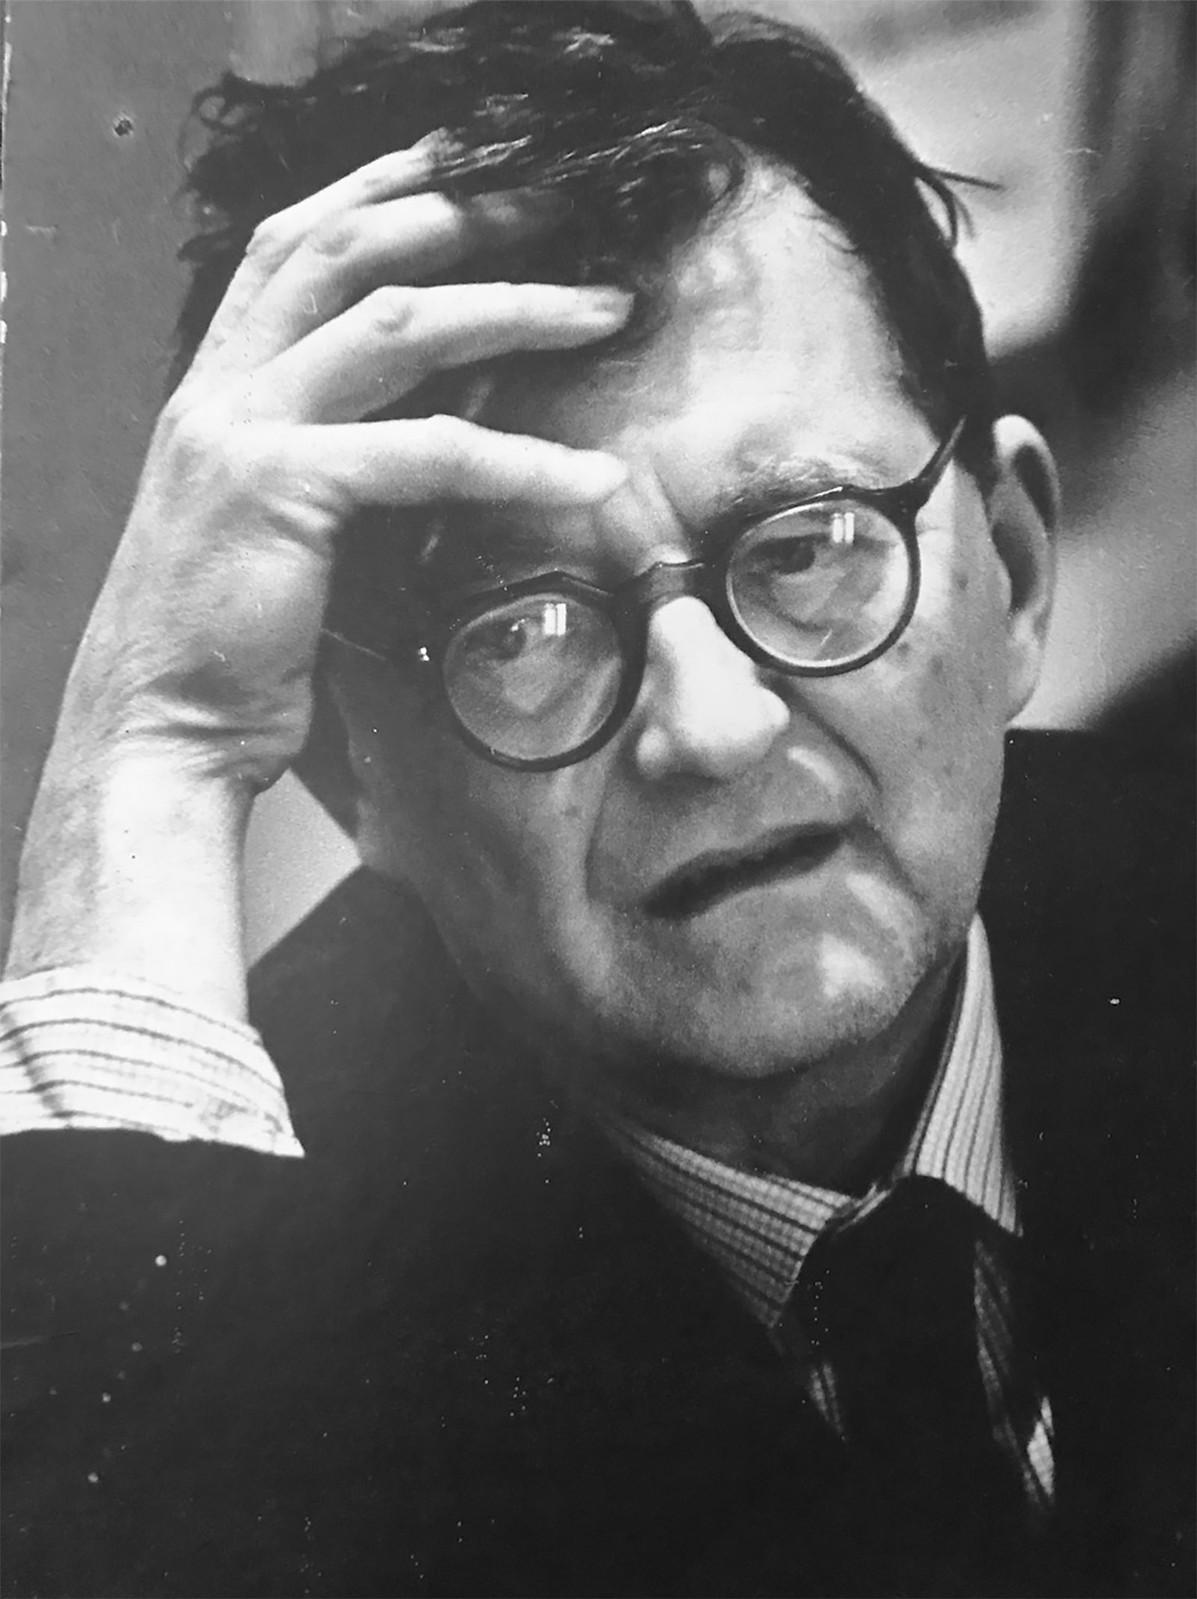 1962. Дмитрий Шостакович в день премьеры 13-й симфонии композитора